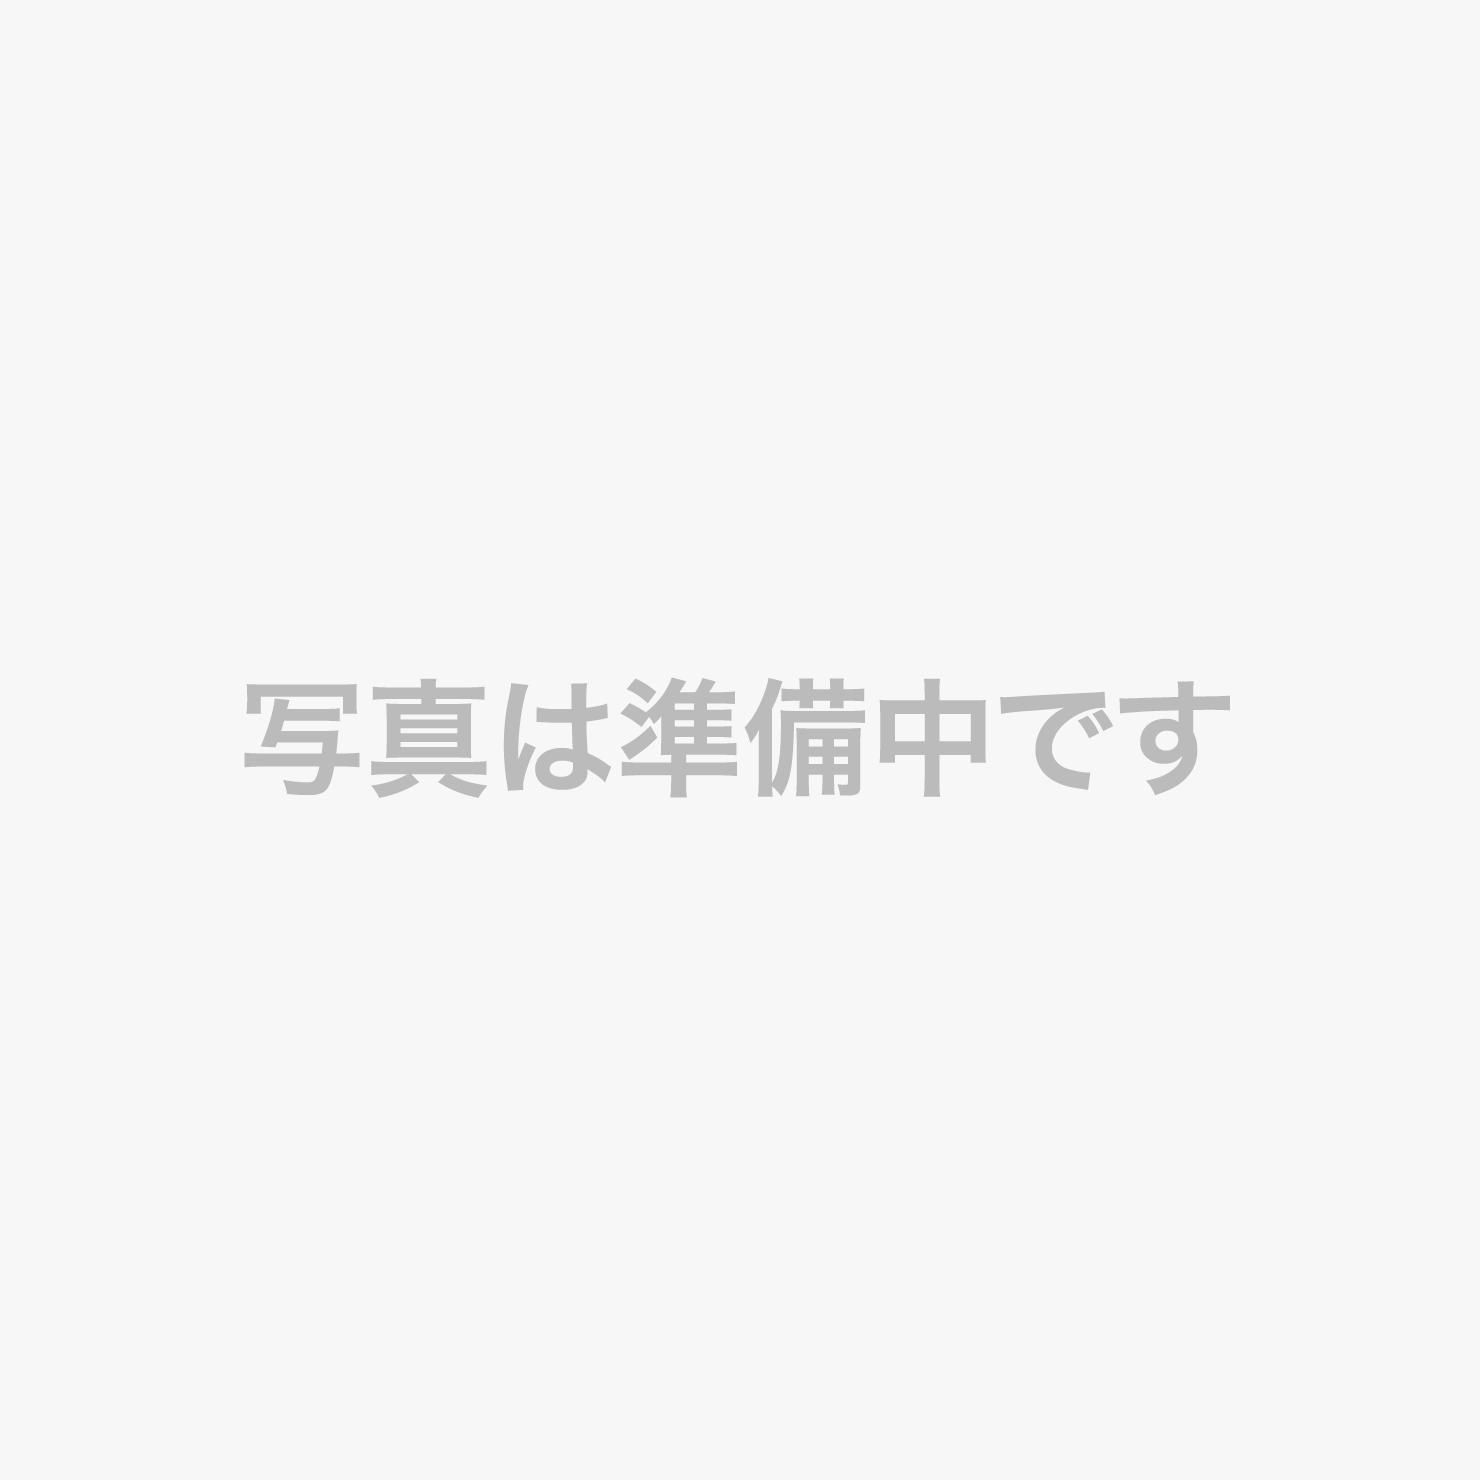 仙台名物牛たん(写真提供:宮城県観光課)